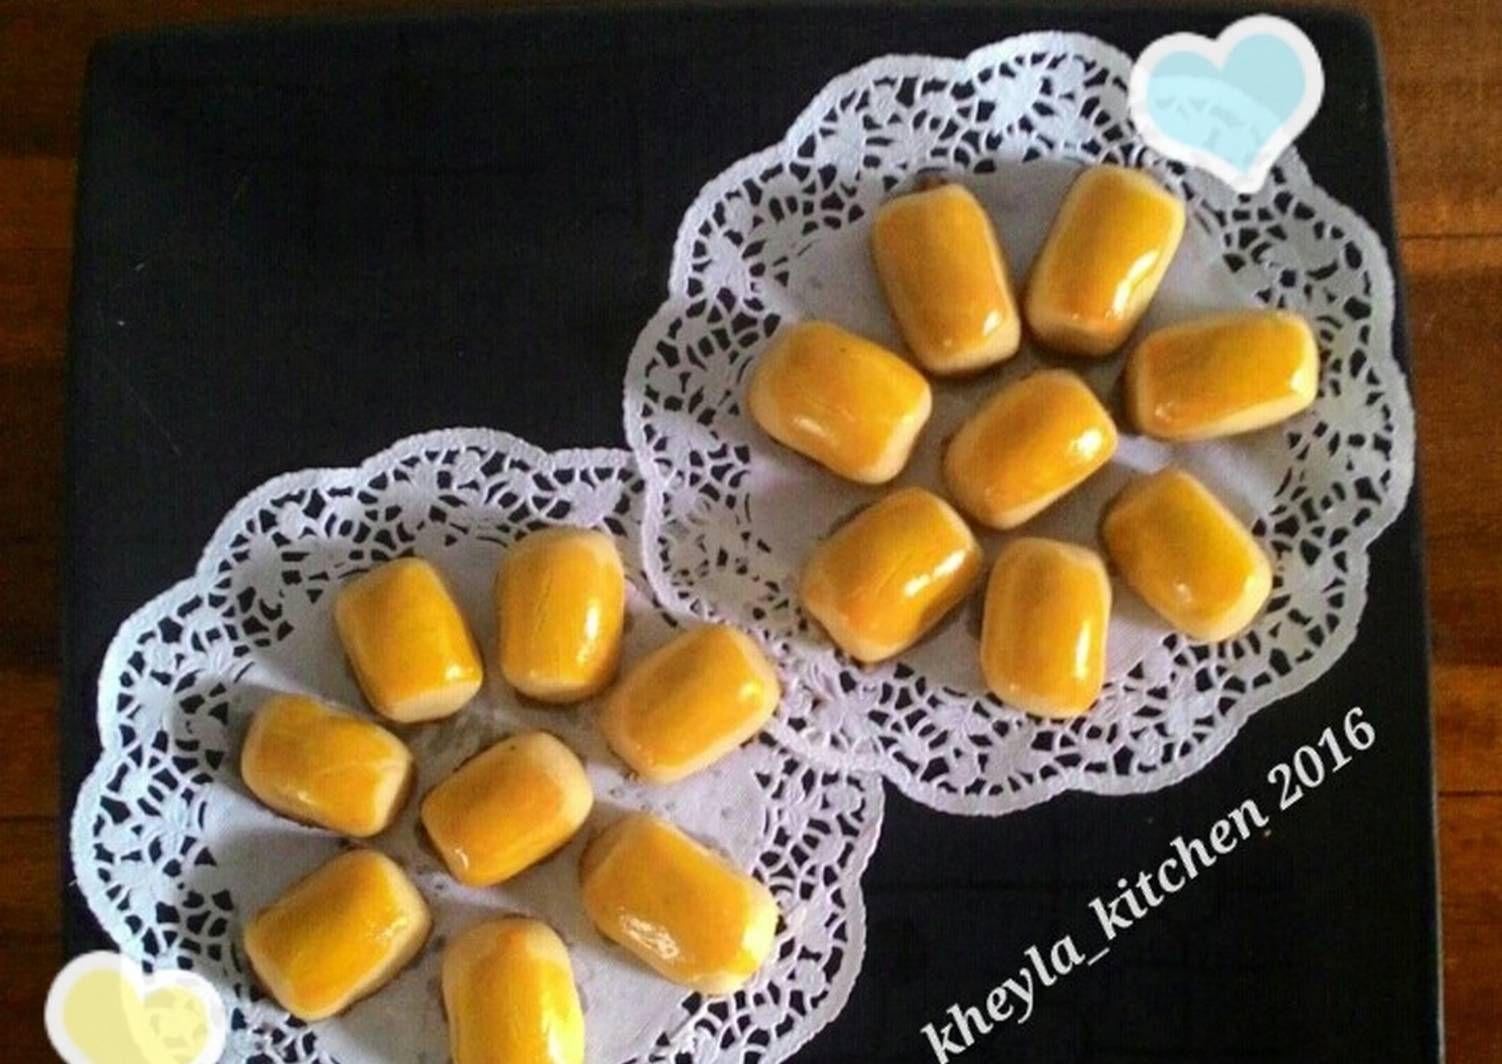 Resep Nastar Lembut Renyah Lumer Tips Biar Tdk Mudah Jamuran Cookies Oleh Kheyla S Kitchen Resep Nastar Resep Makanan Dan Minuman